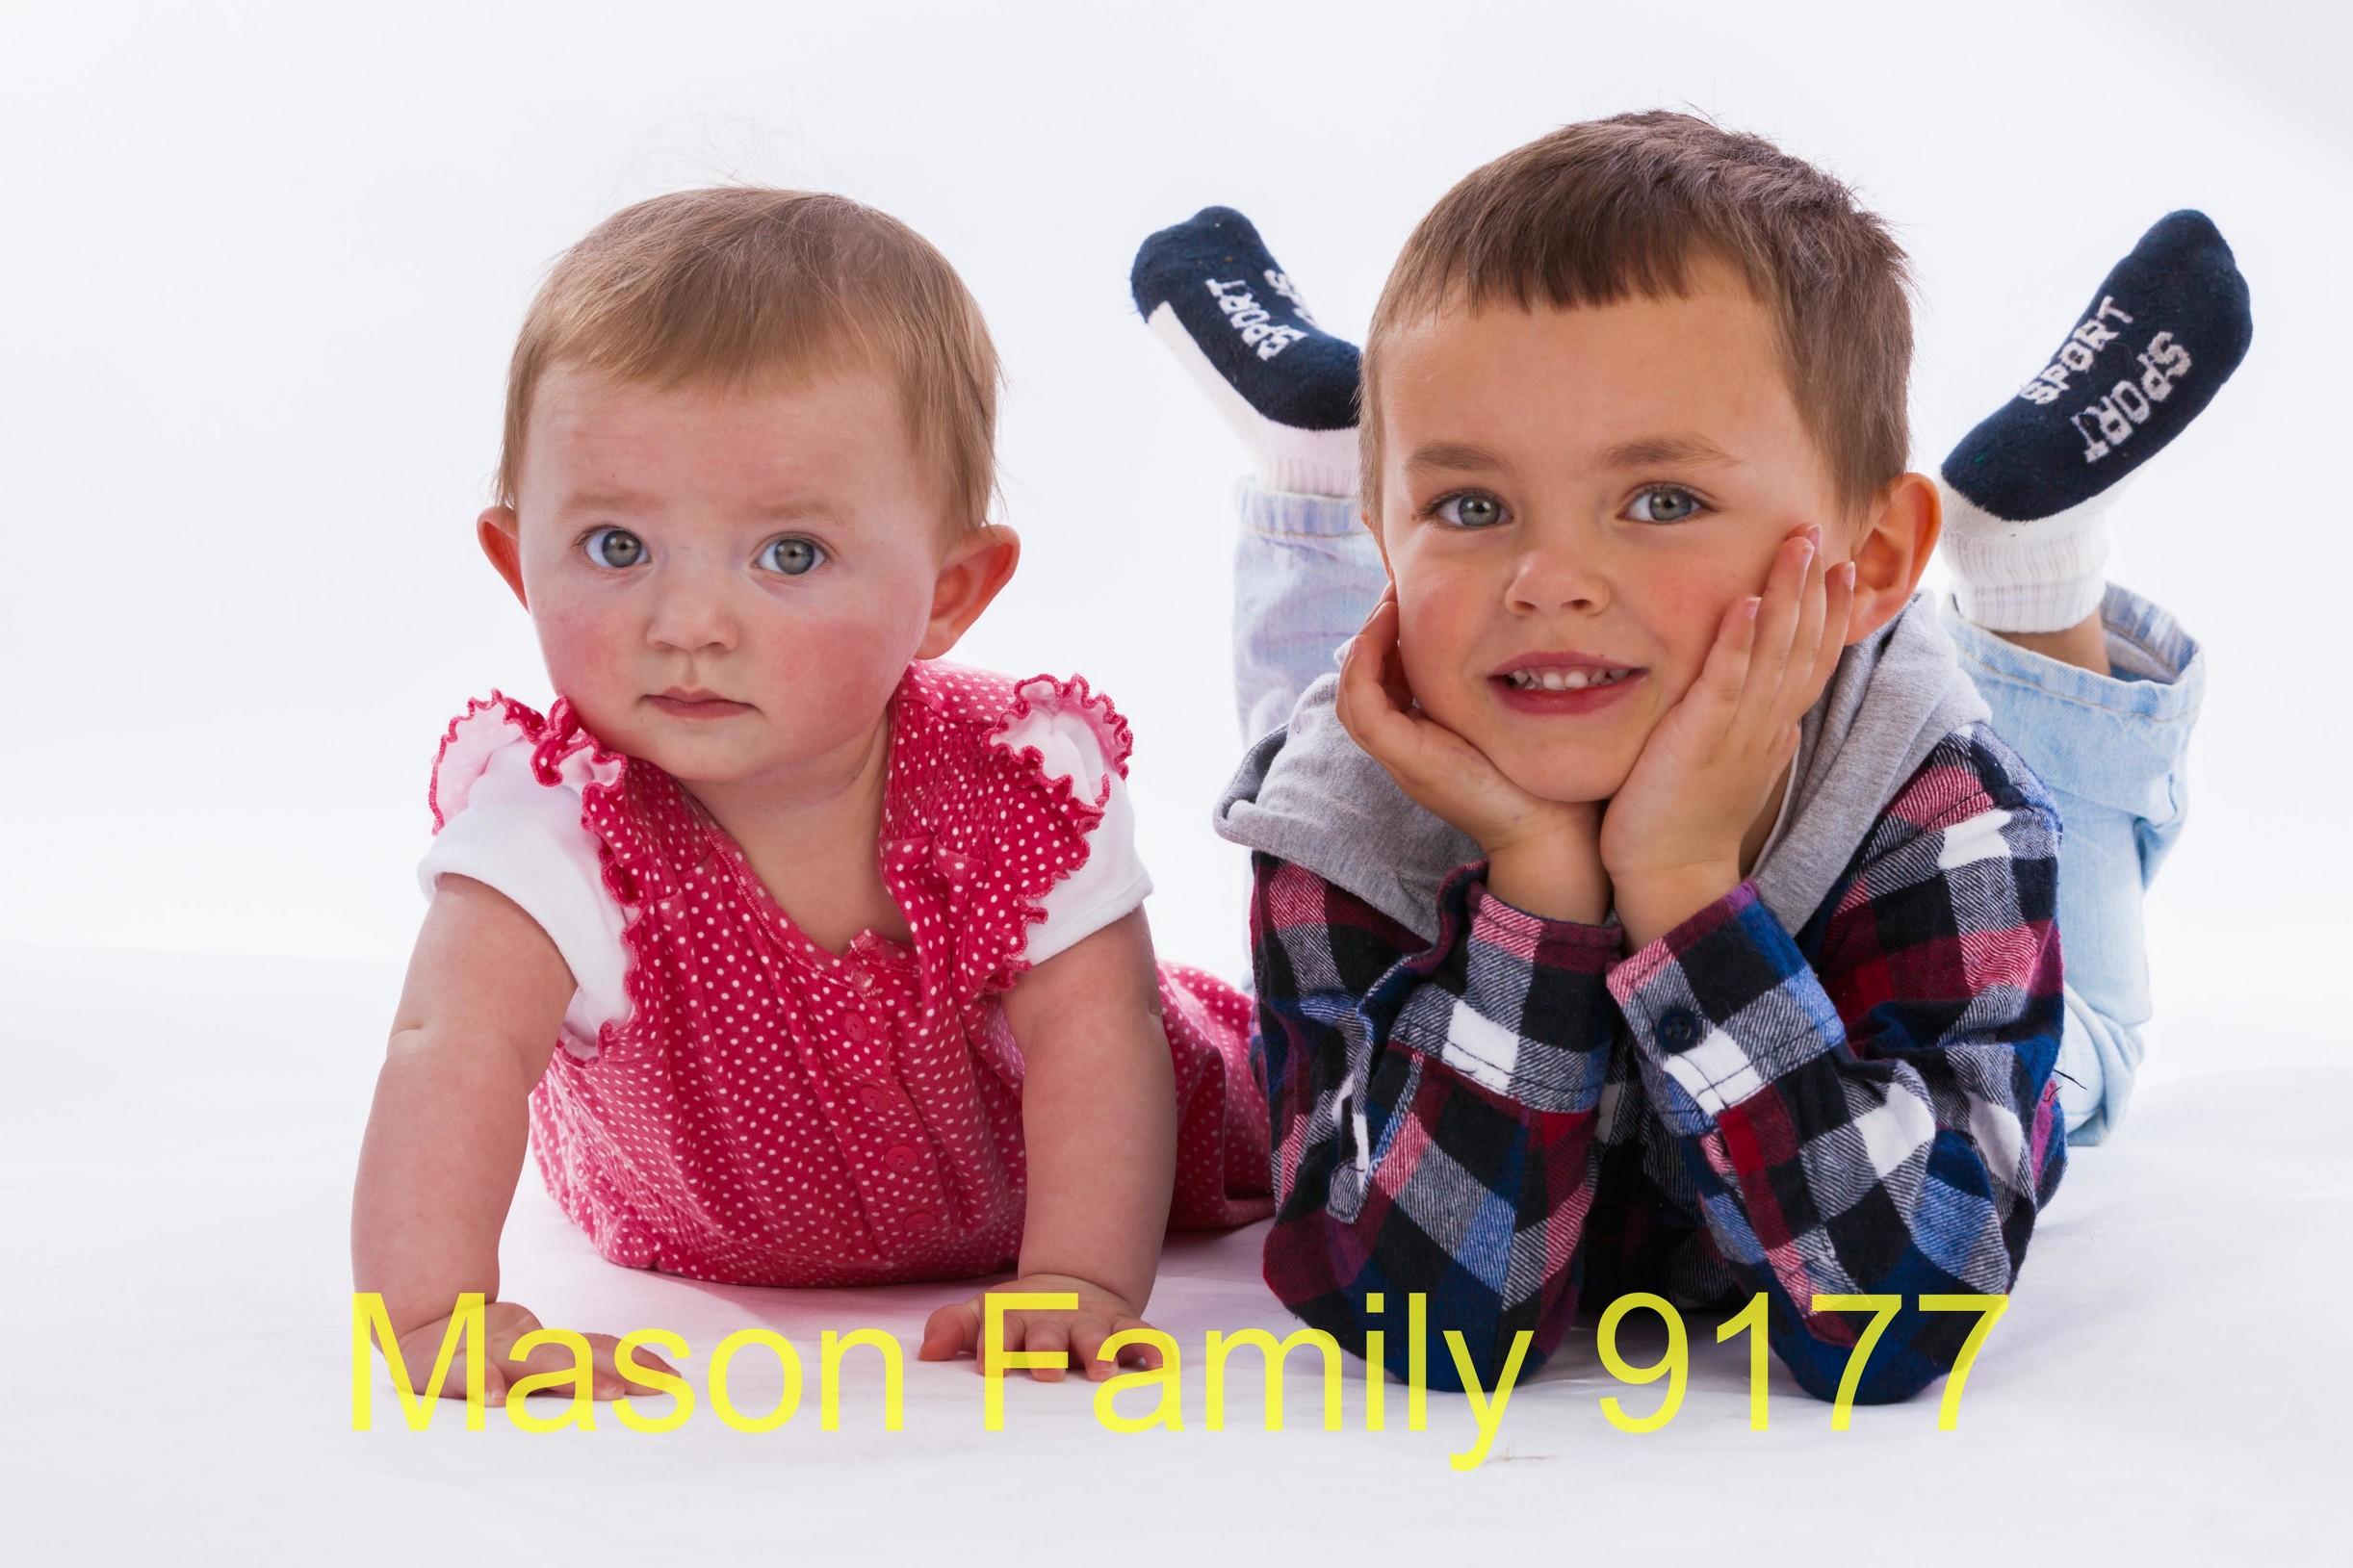 Mason Family 9177